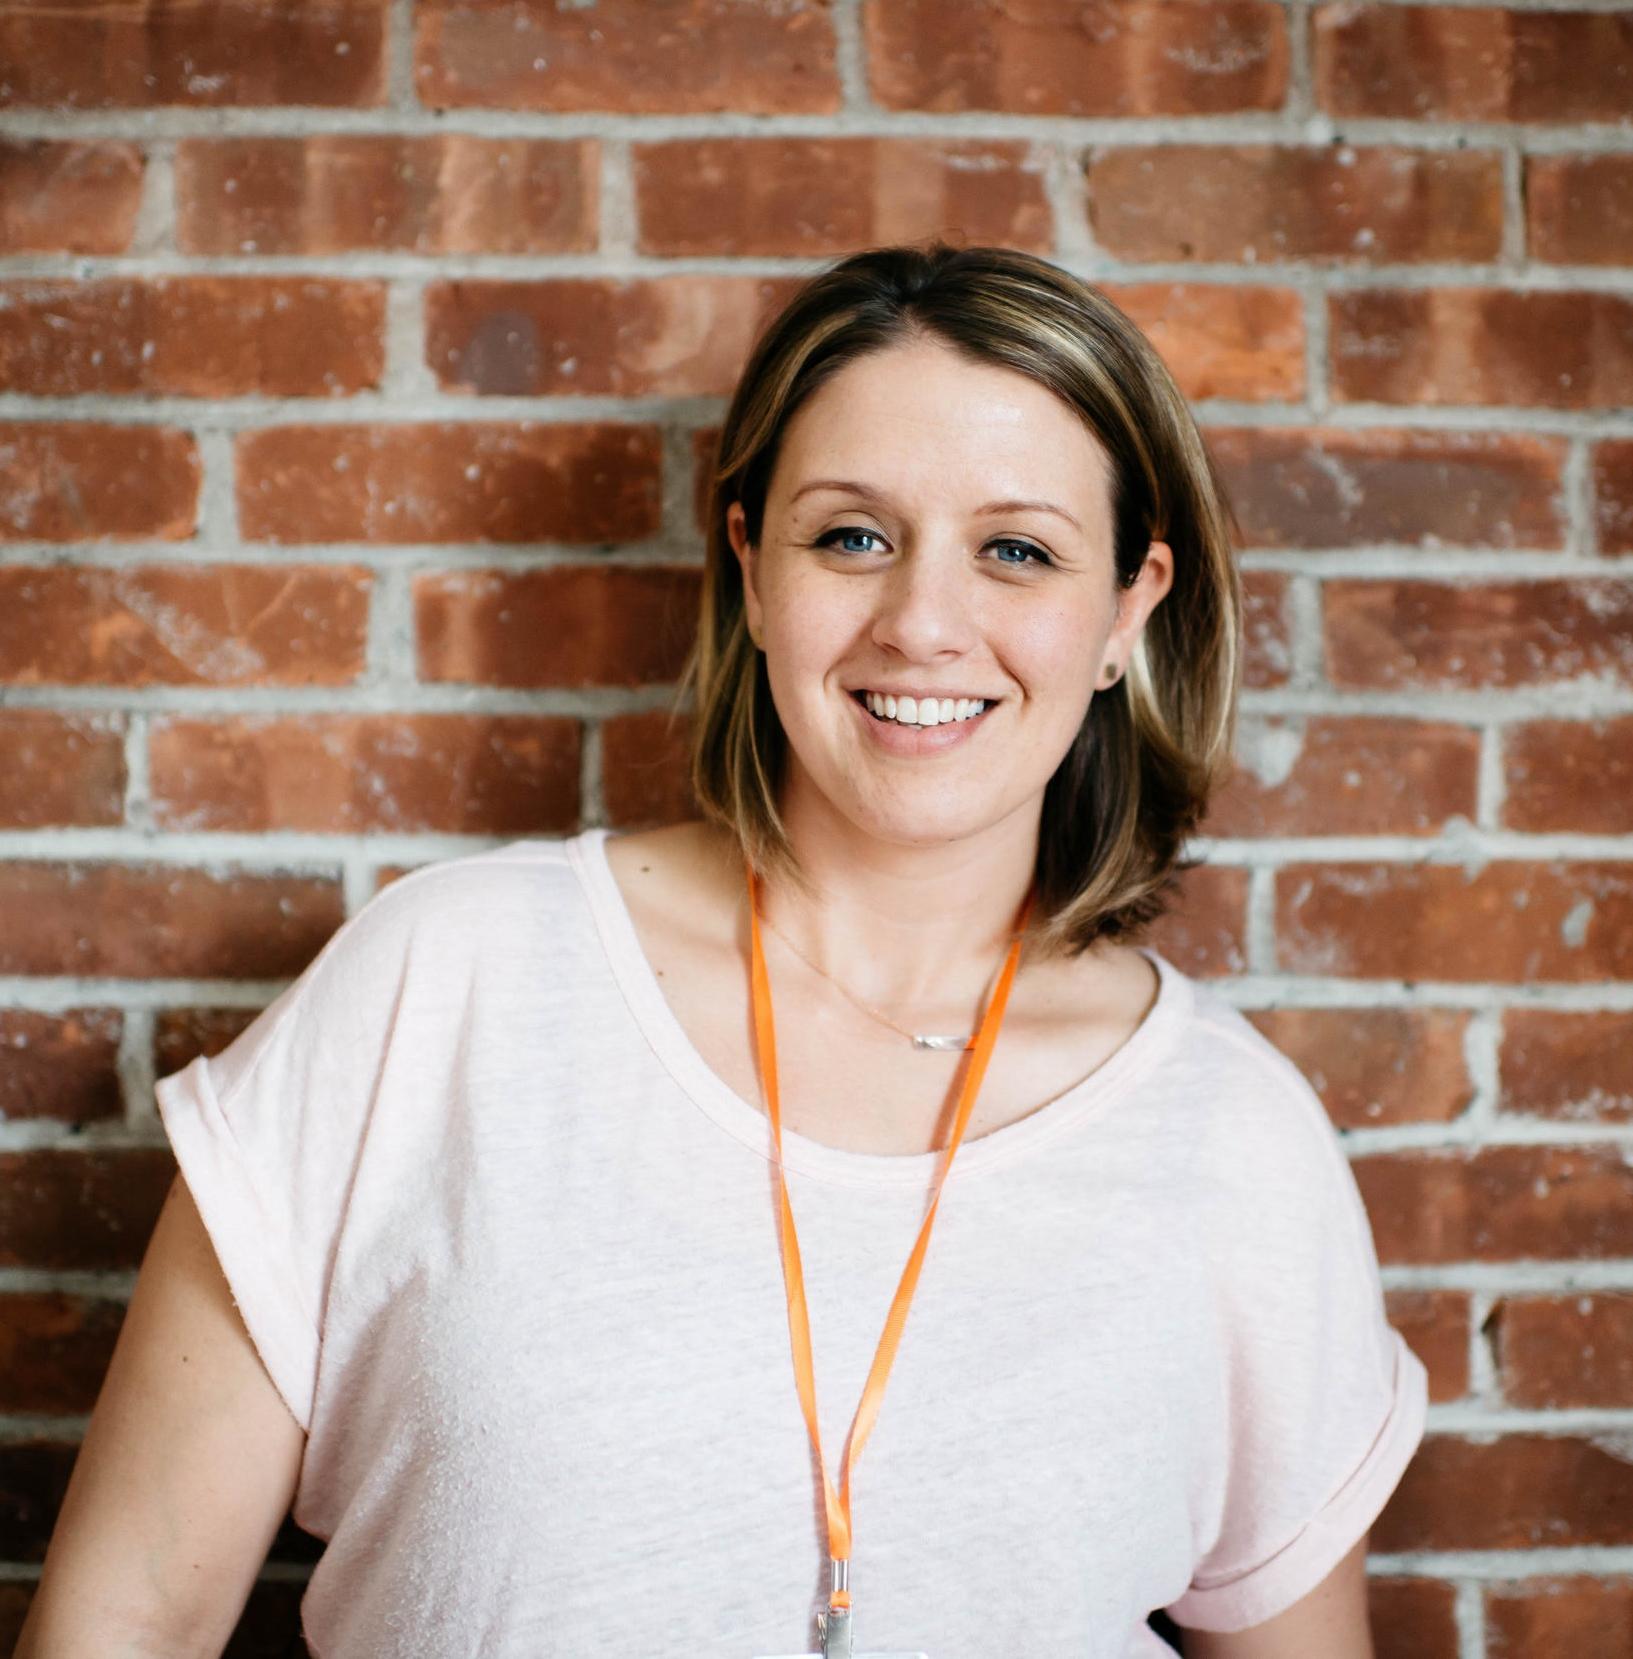 Kristyn Miller, Photographer